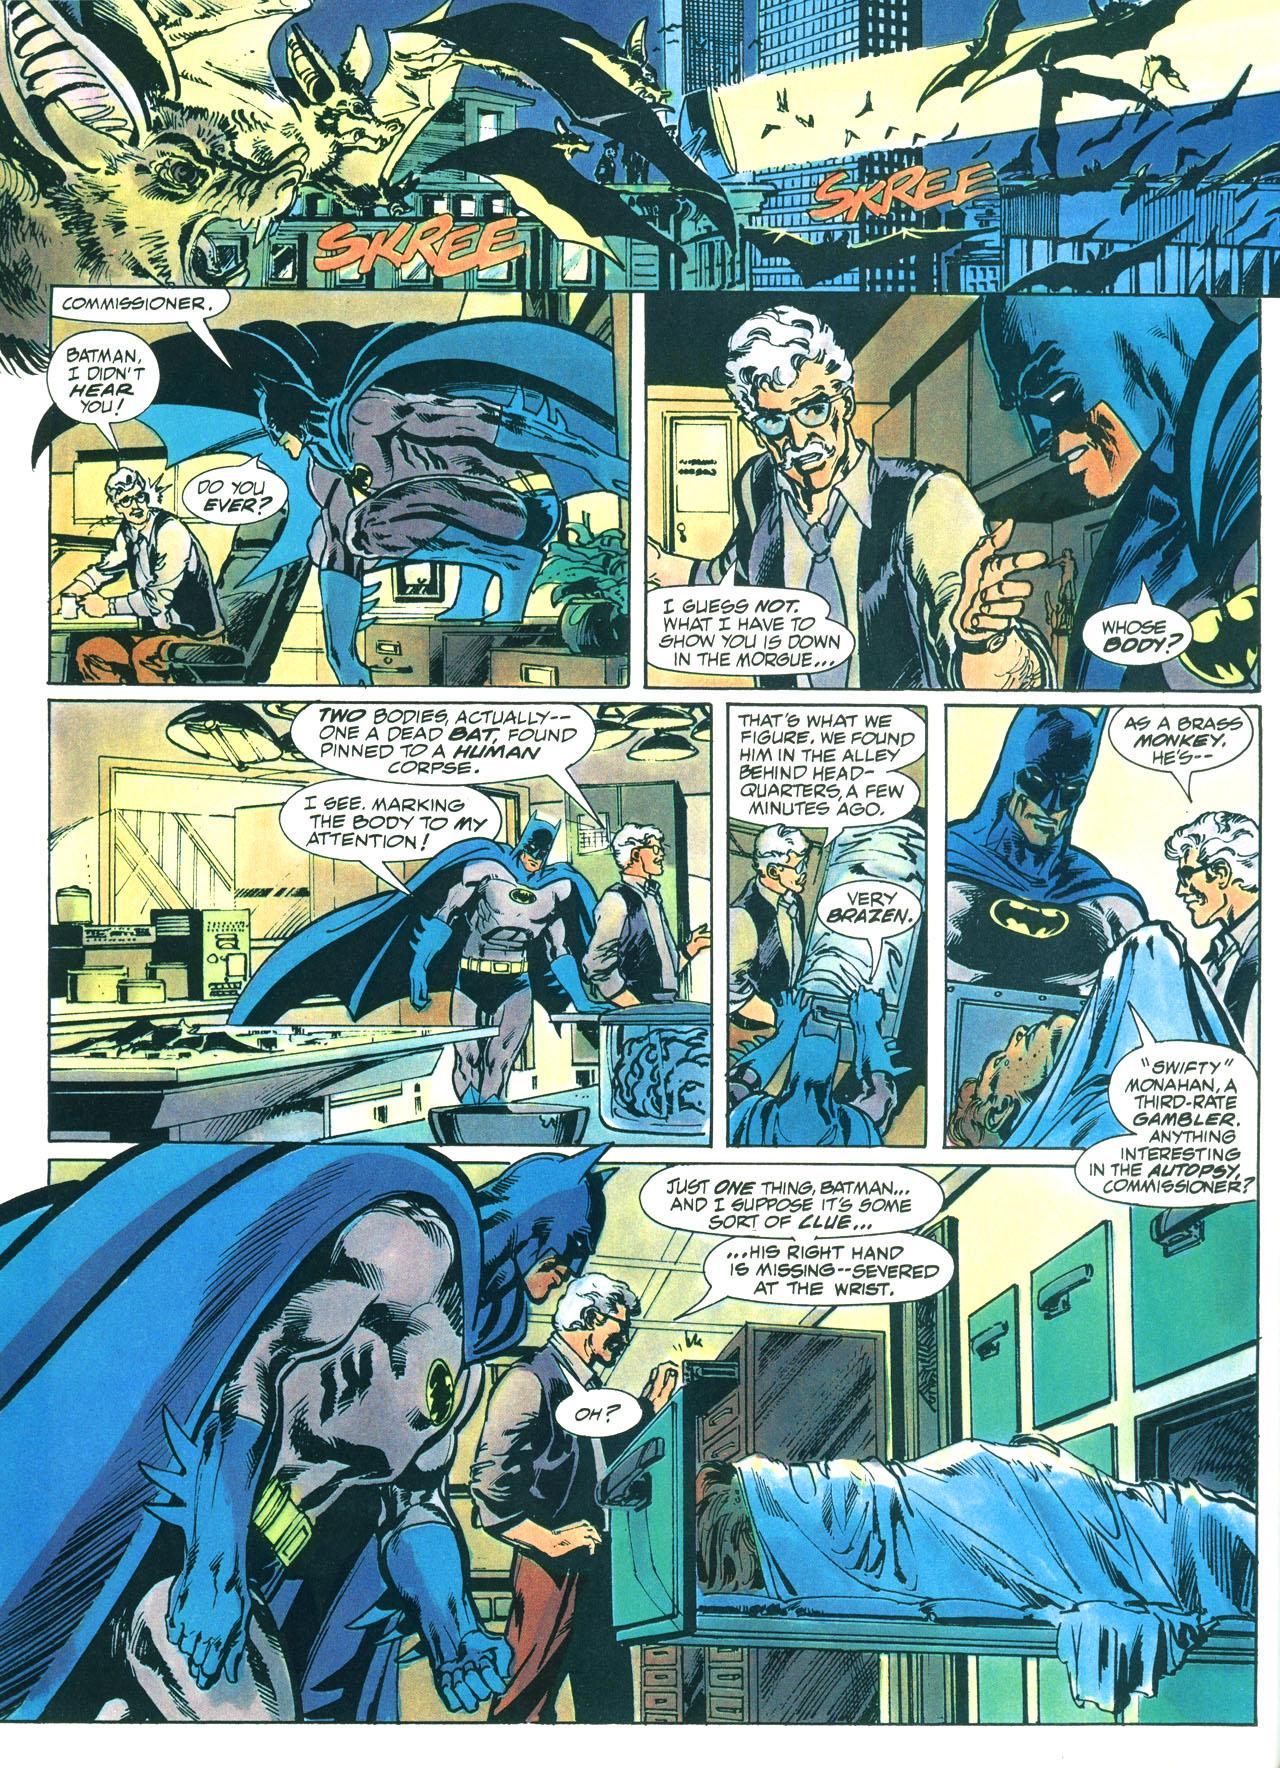 Batman Bride of the Demon review